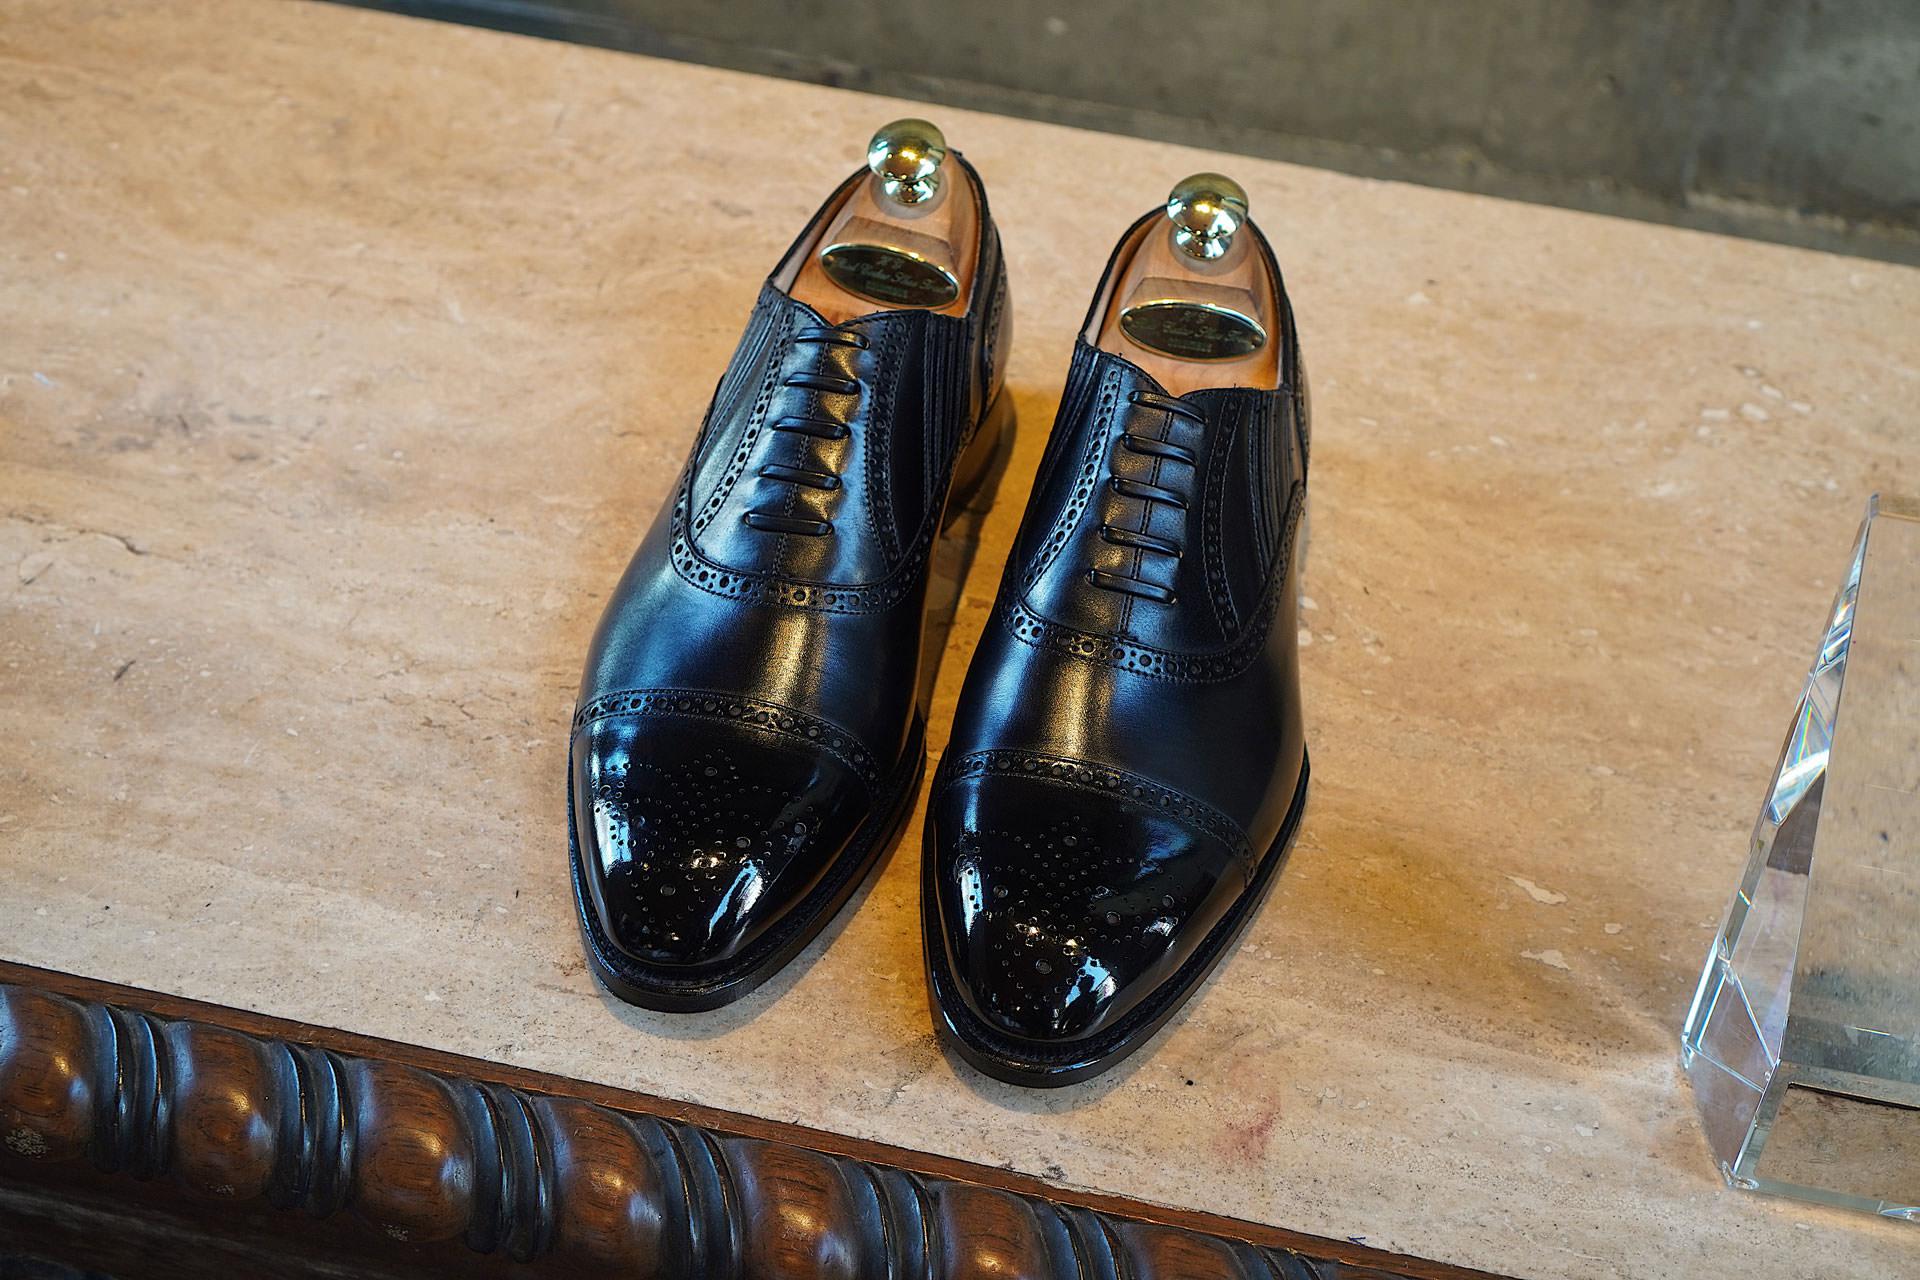 รองเท้า Lazyman สีดำจาก Fugashin